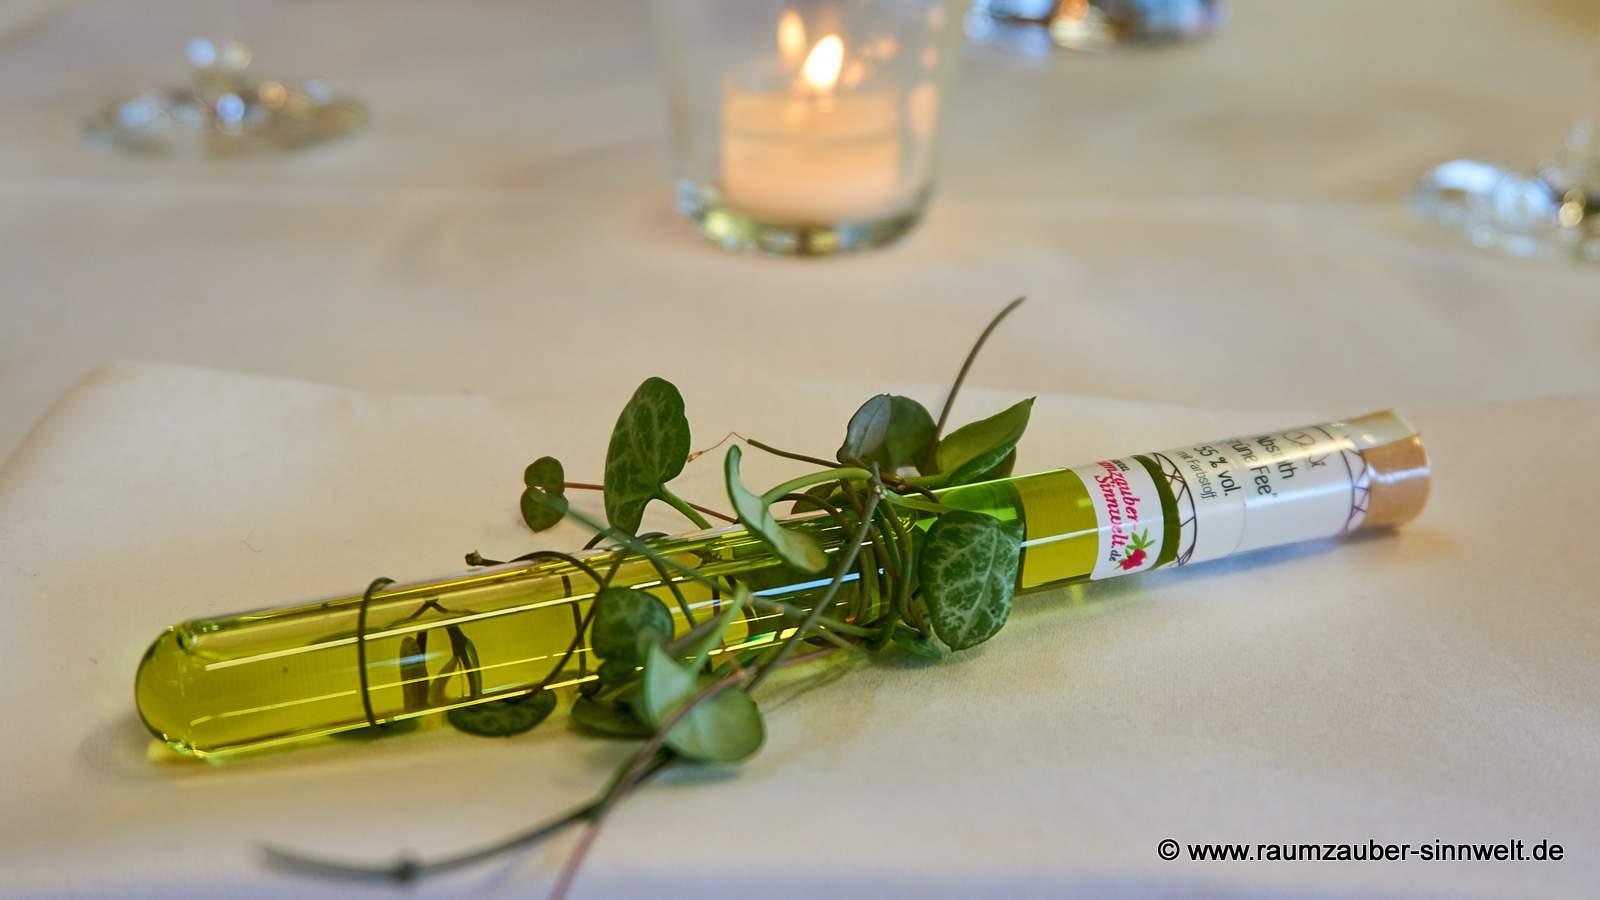 dekoriertes Likör - Röhrchen als Gastgeschenk